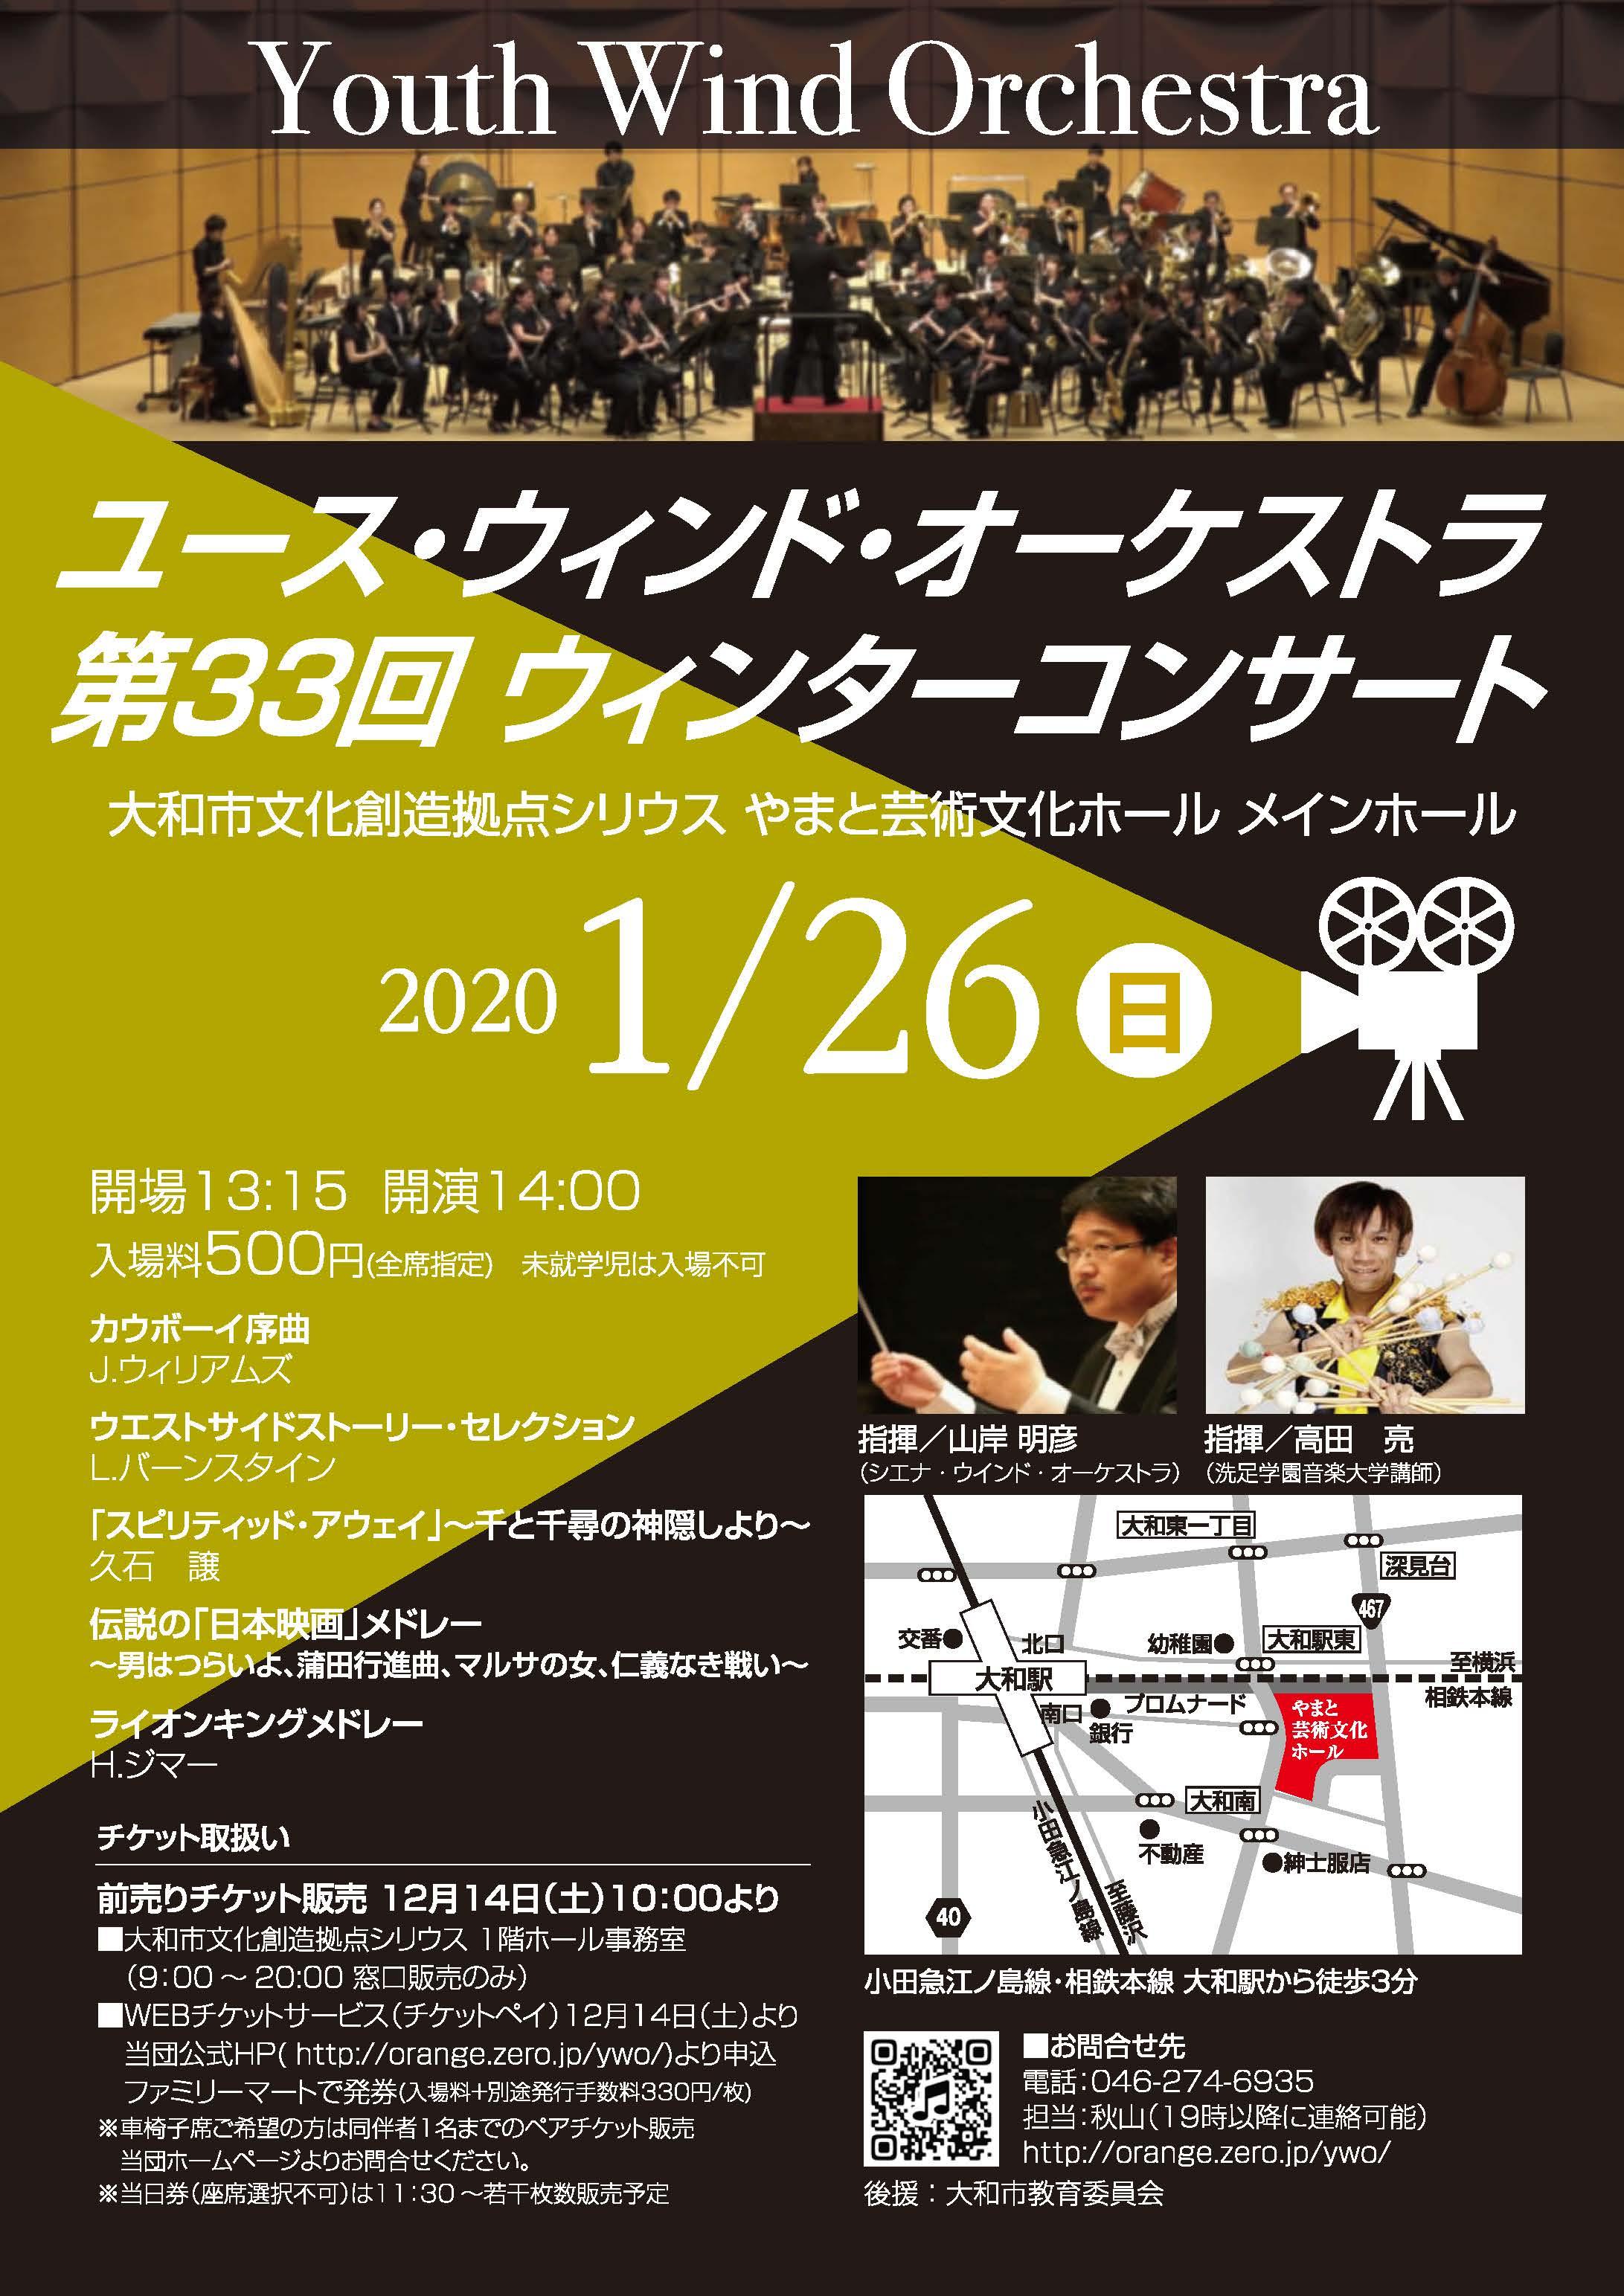 ユース・ウインド・オーケストラ 第33回 ウィンターコンサート